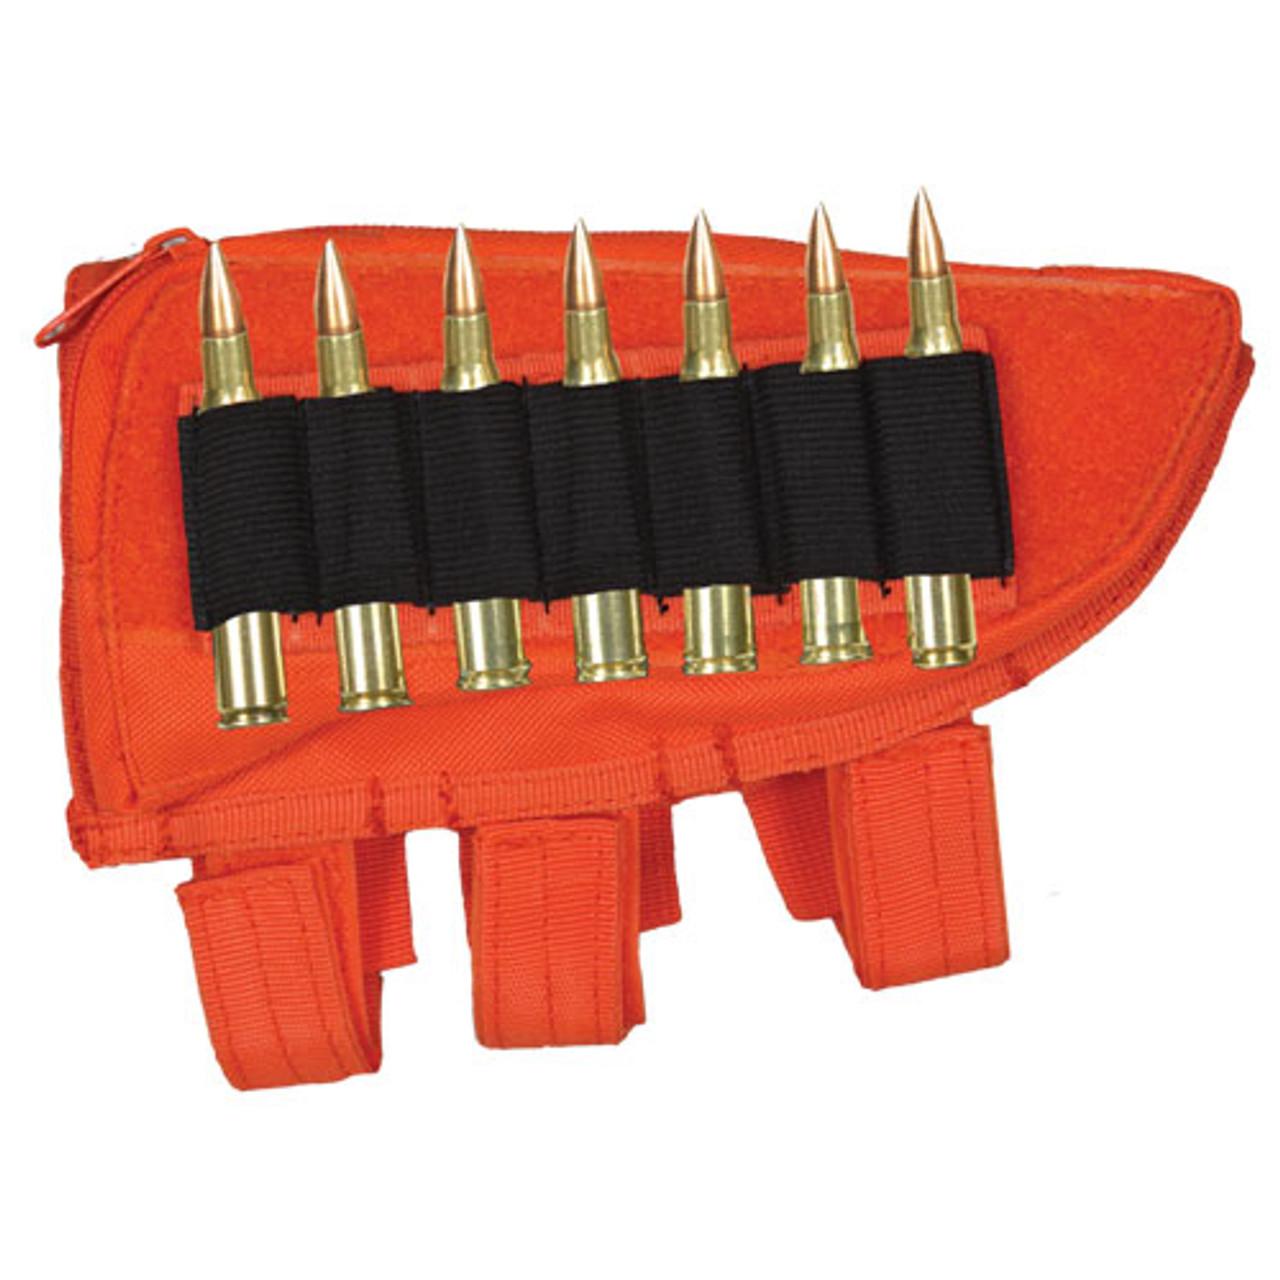 Fox Tactical BUTT STOCK CHEEK REST - RIFLE